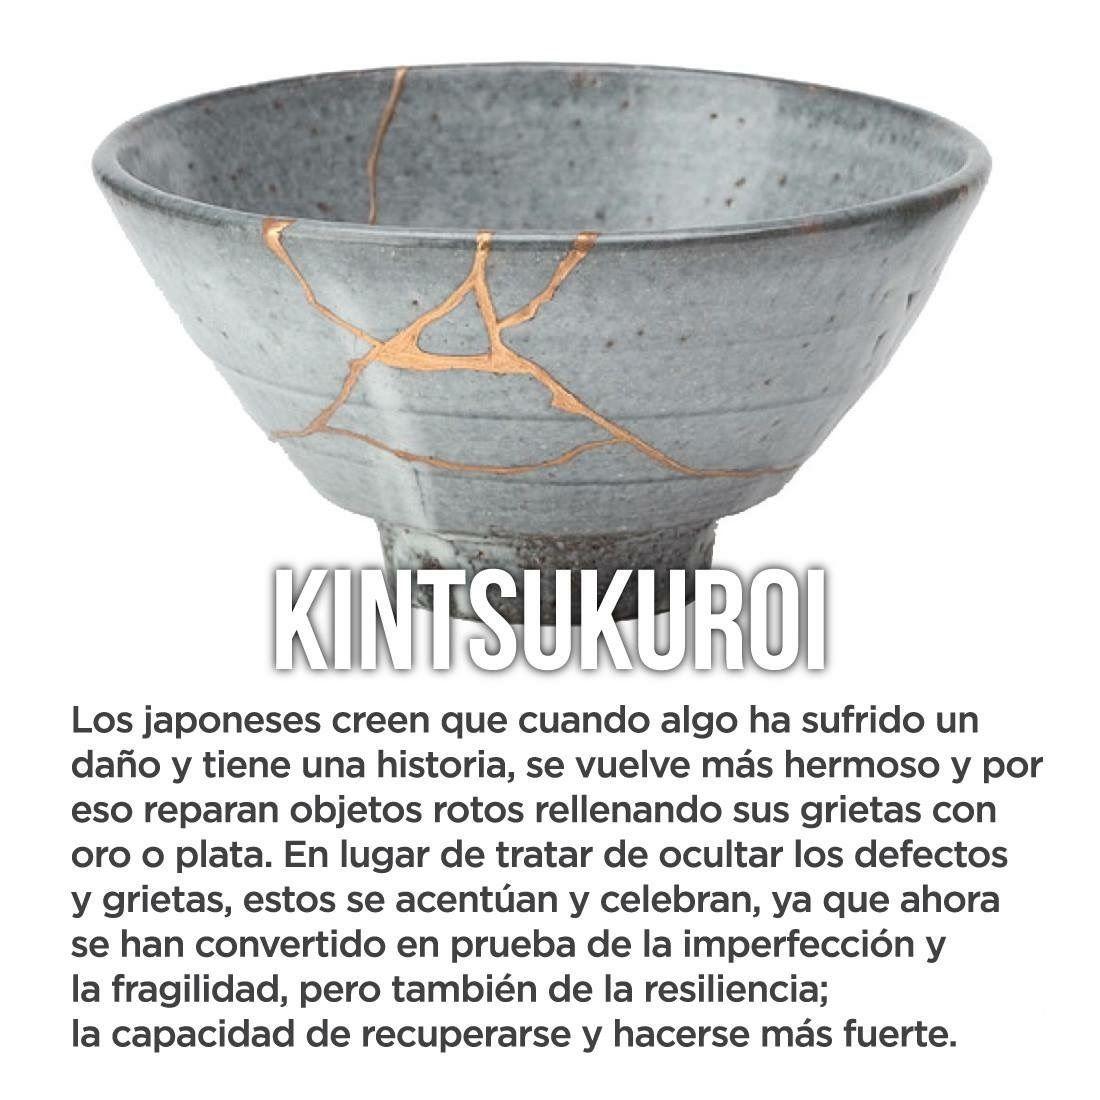 KINTSUKUROI y la resiliencia